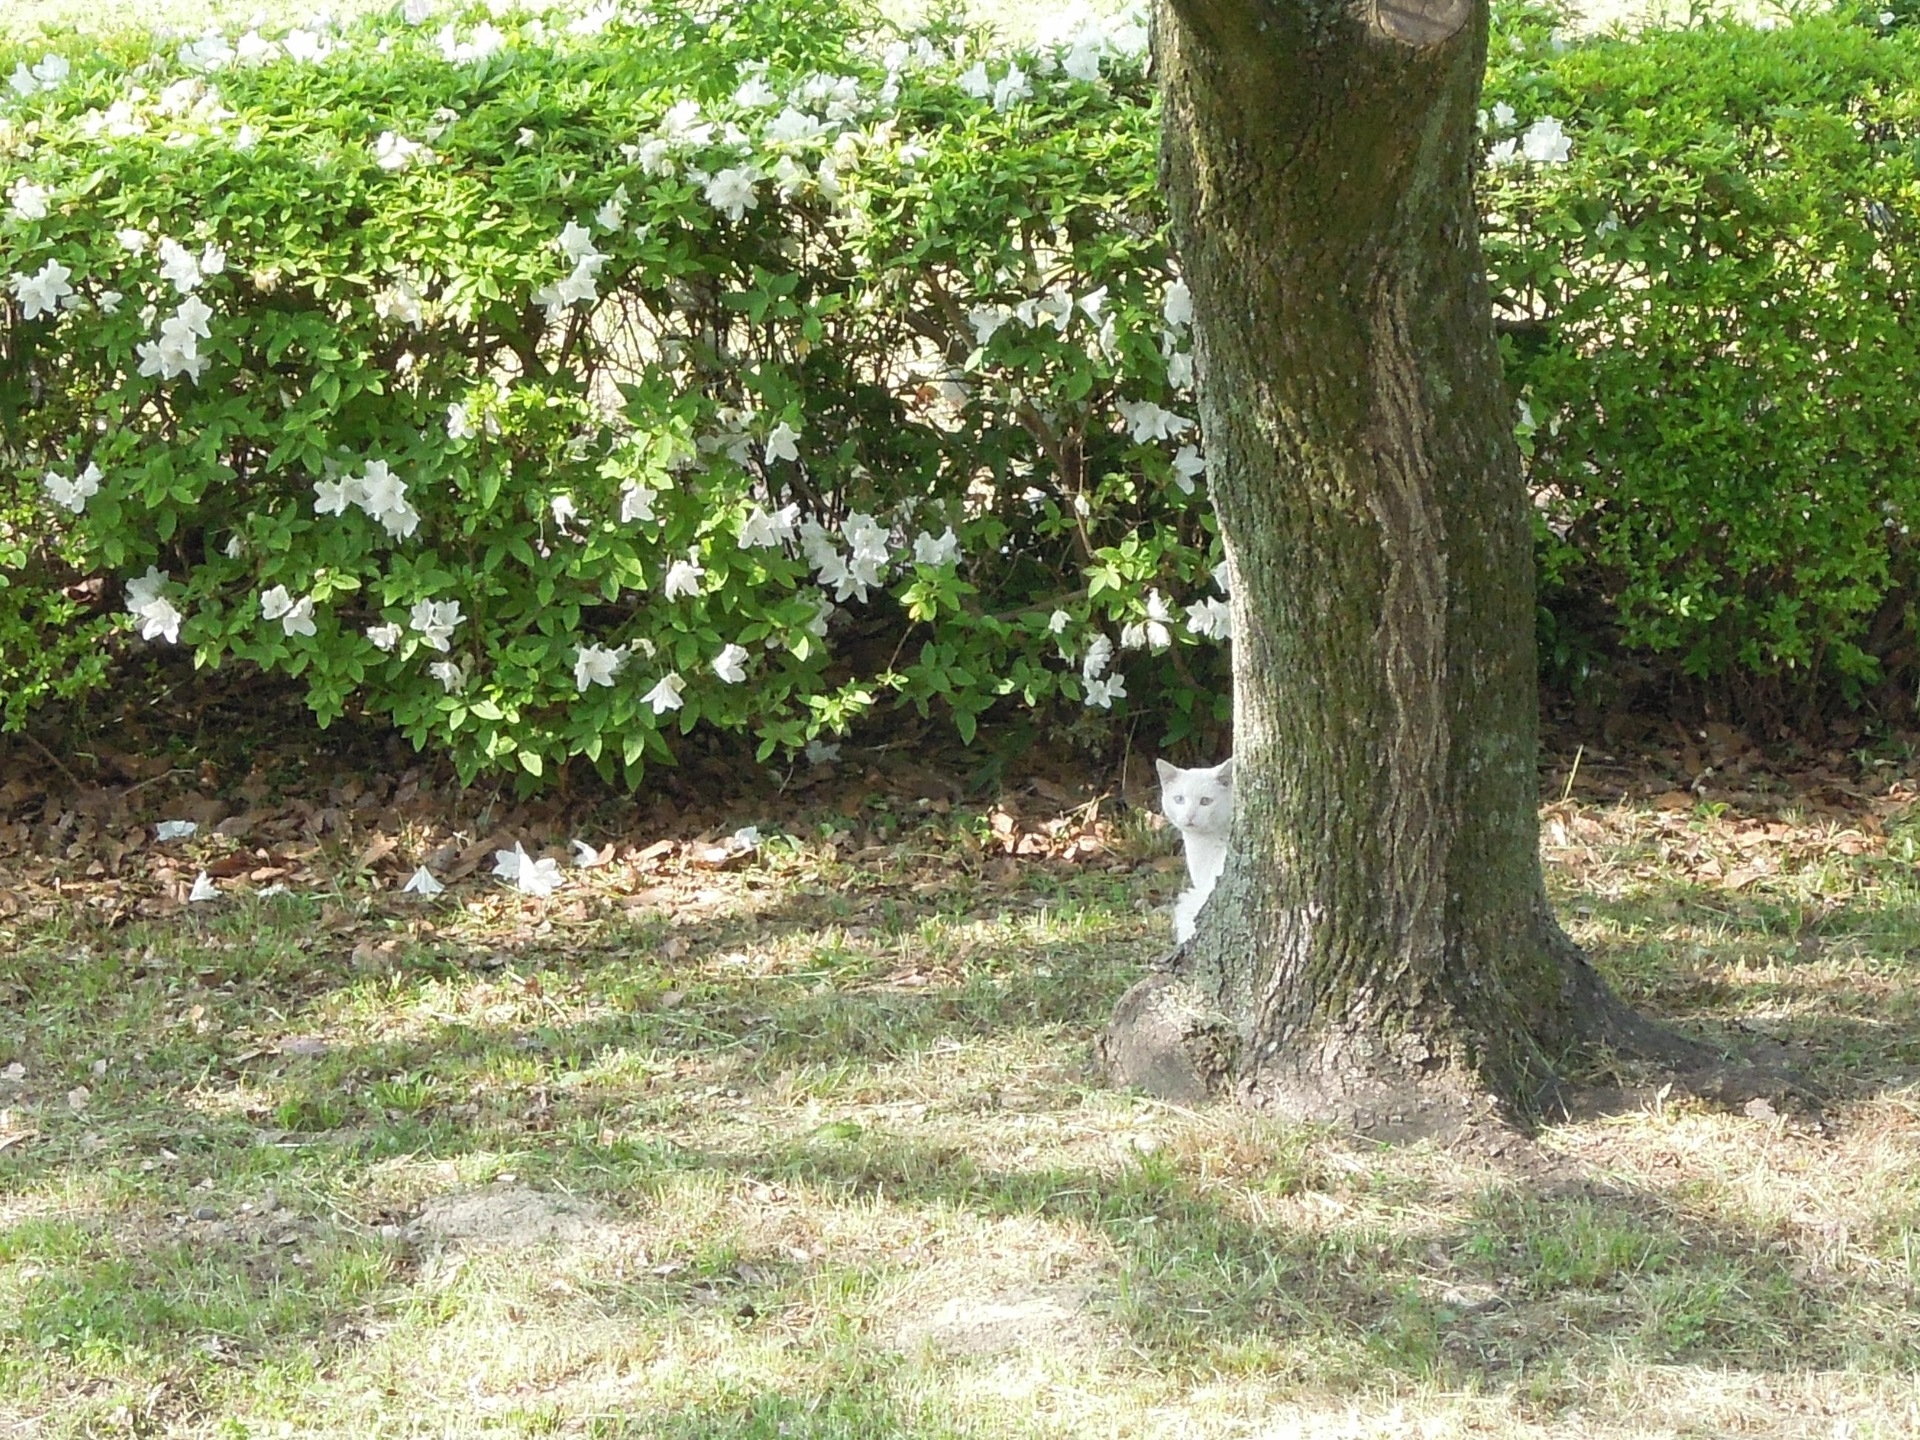 Cat under the tree | gato.gordi, flower, garden, landscape